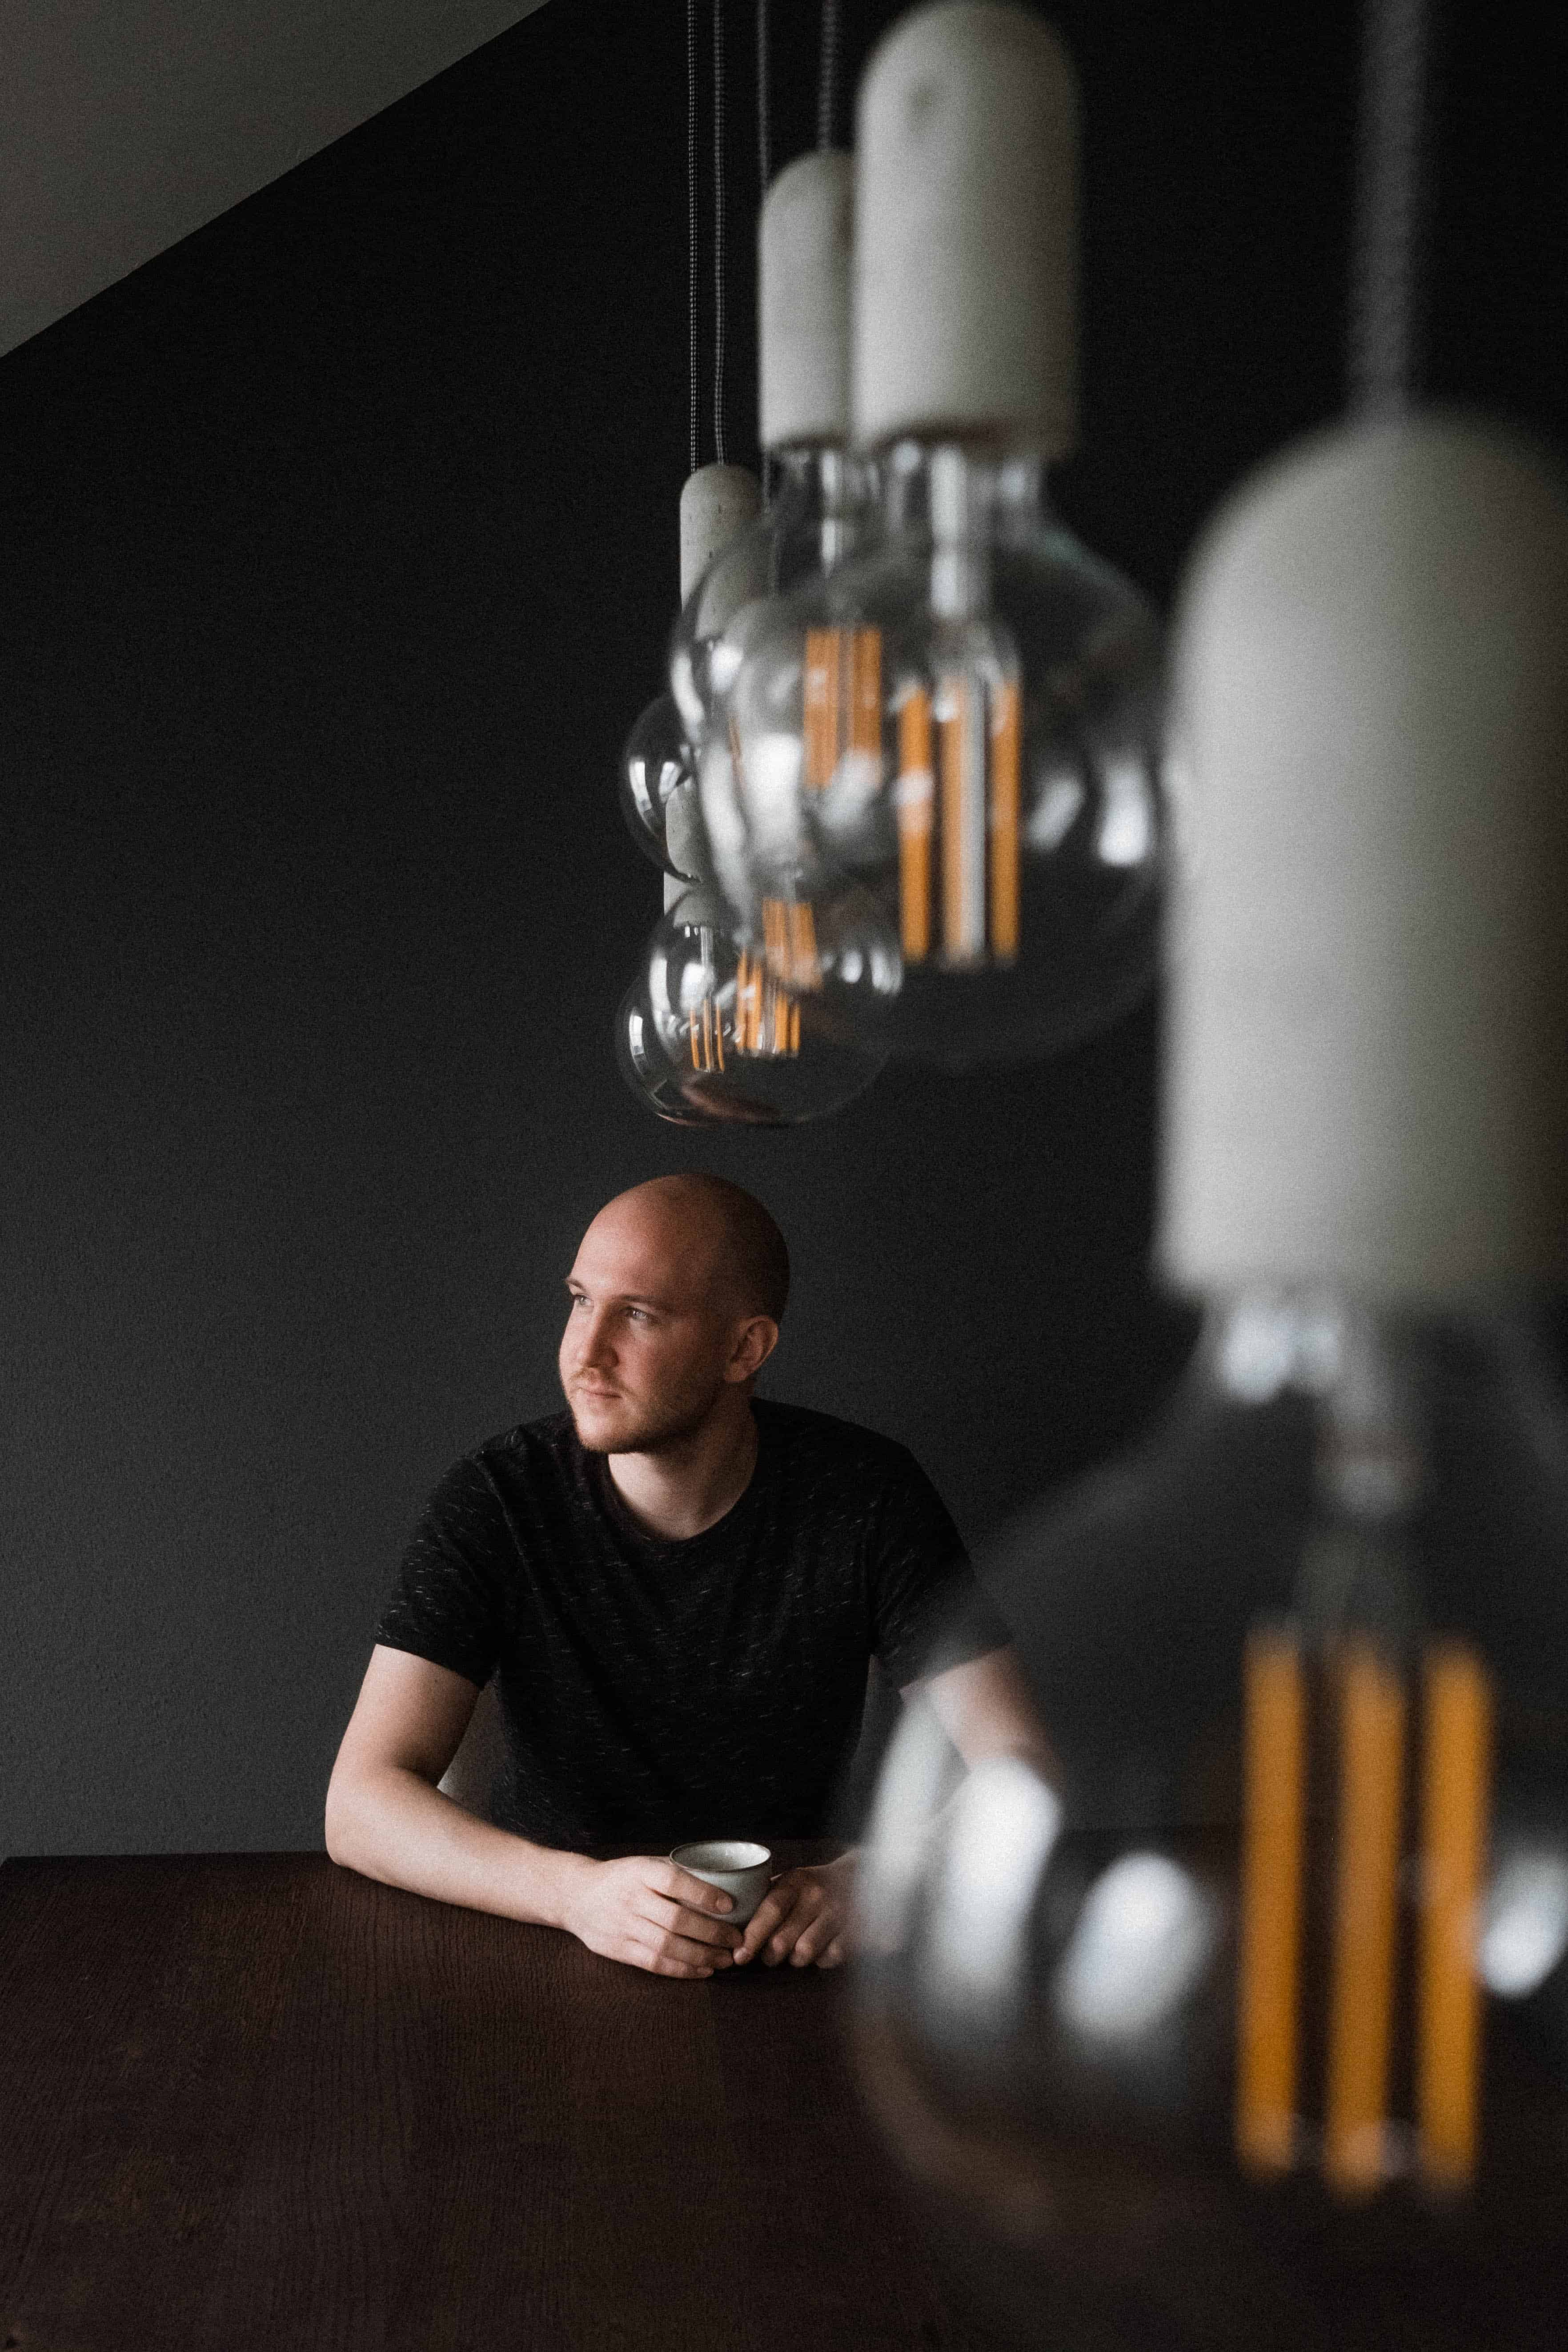 ein Mann sitzt vor einem schwarzen Hintergrund an einem schwarzen Tisch in einem Raum, vor ihm steht eine Tasse, die er mit beiden Händen hält, im Vordergrund hängen Vintage- Glühbirnen